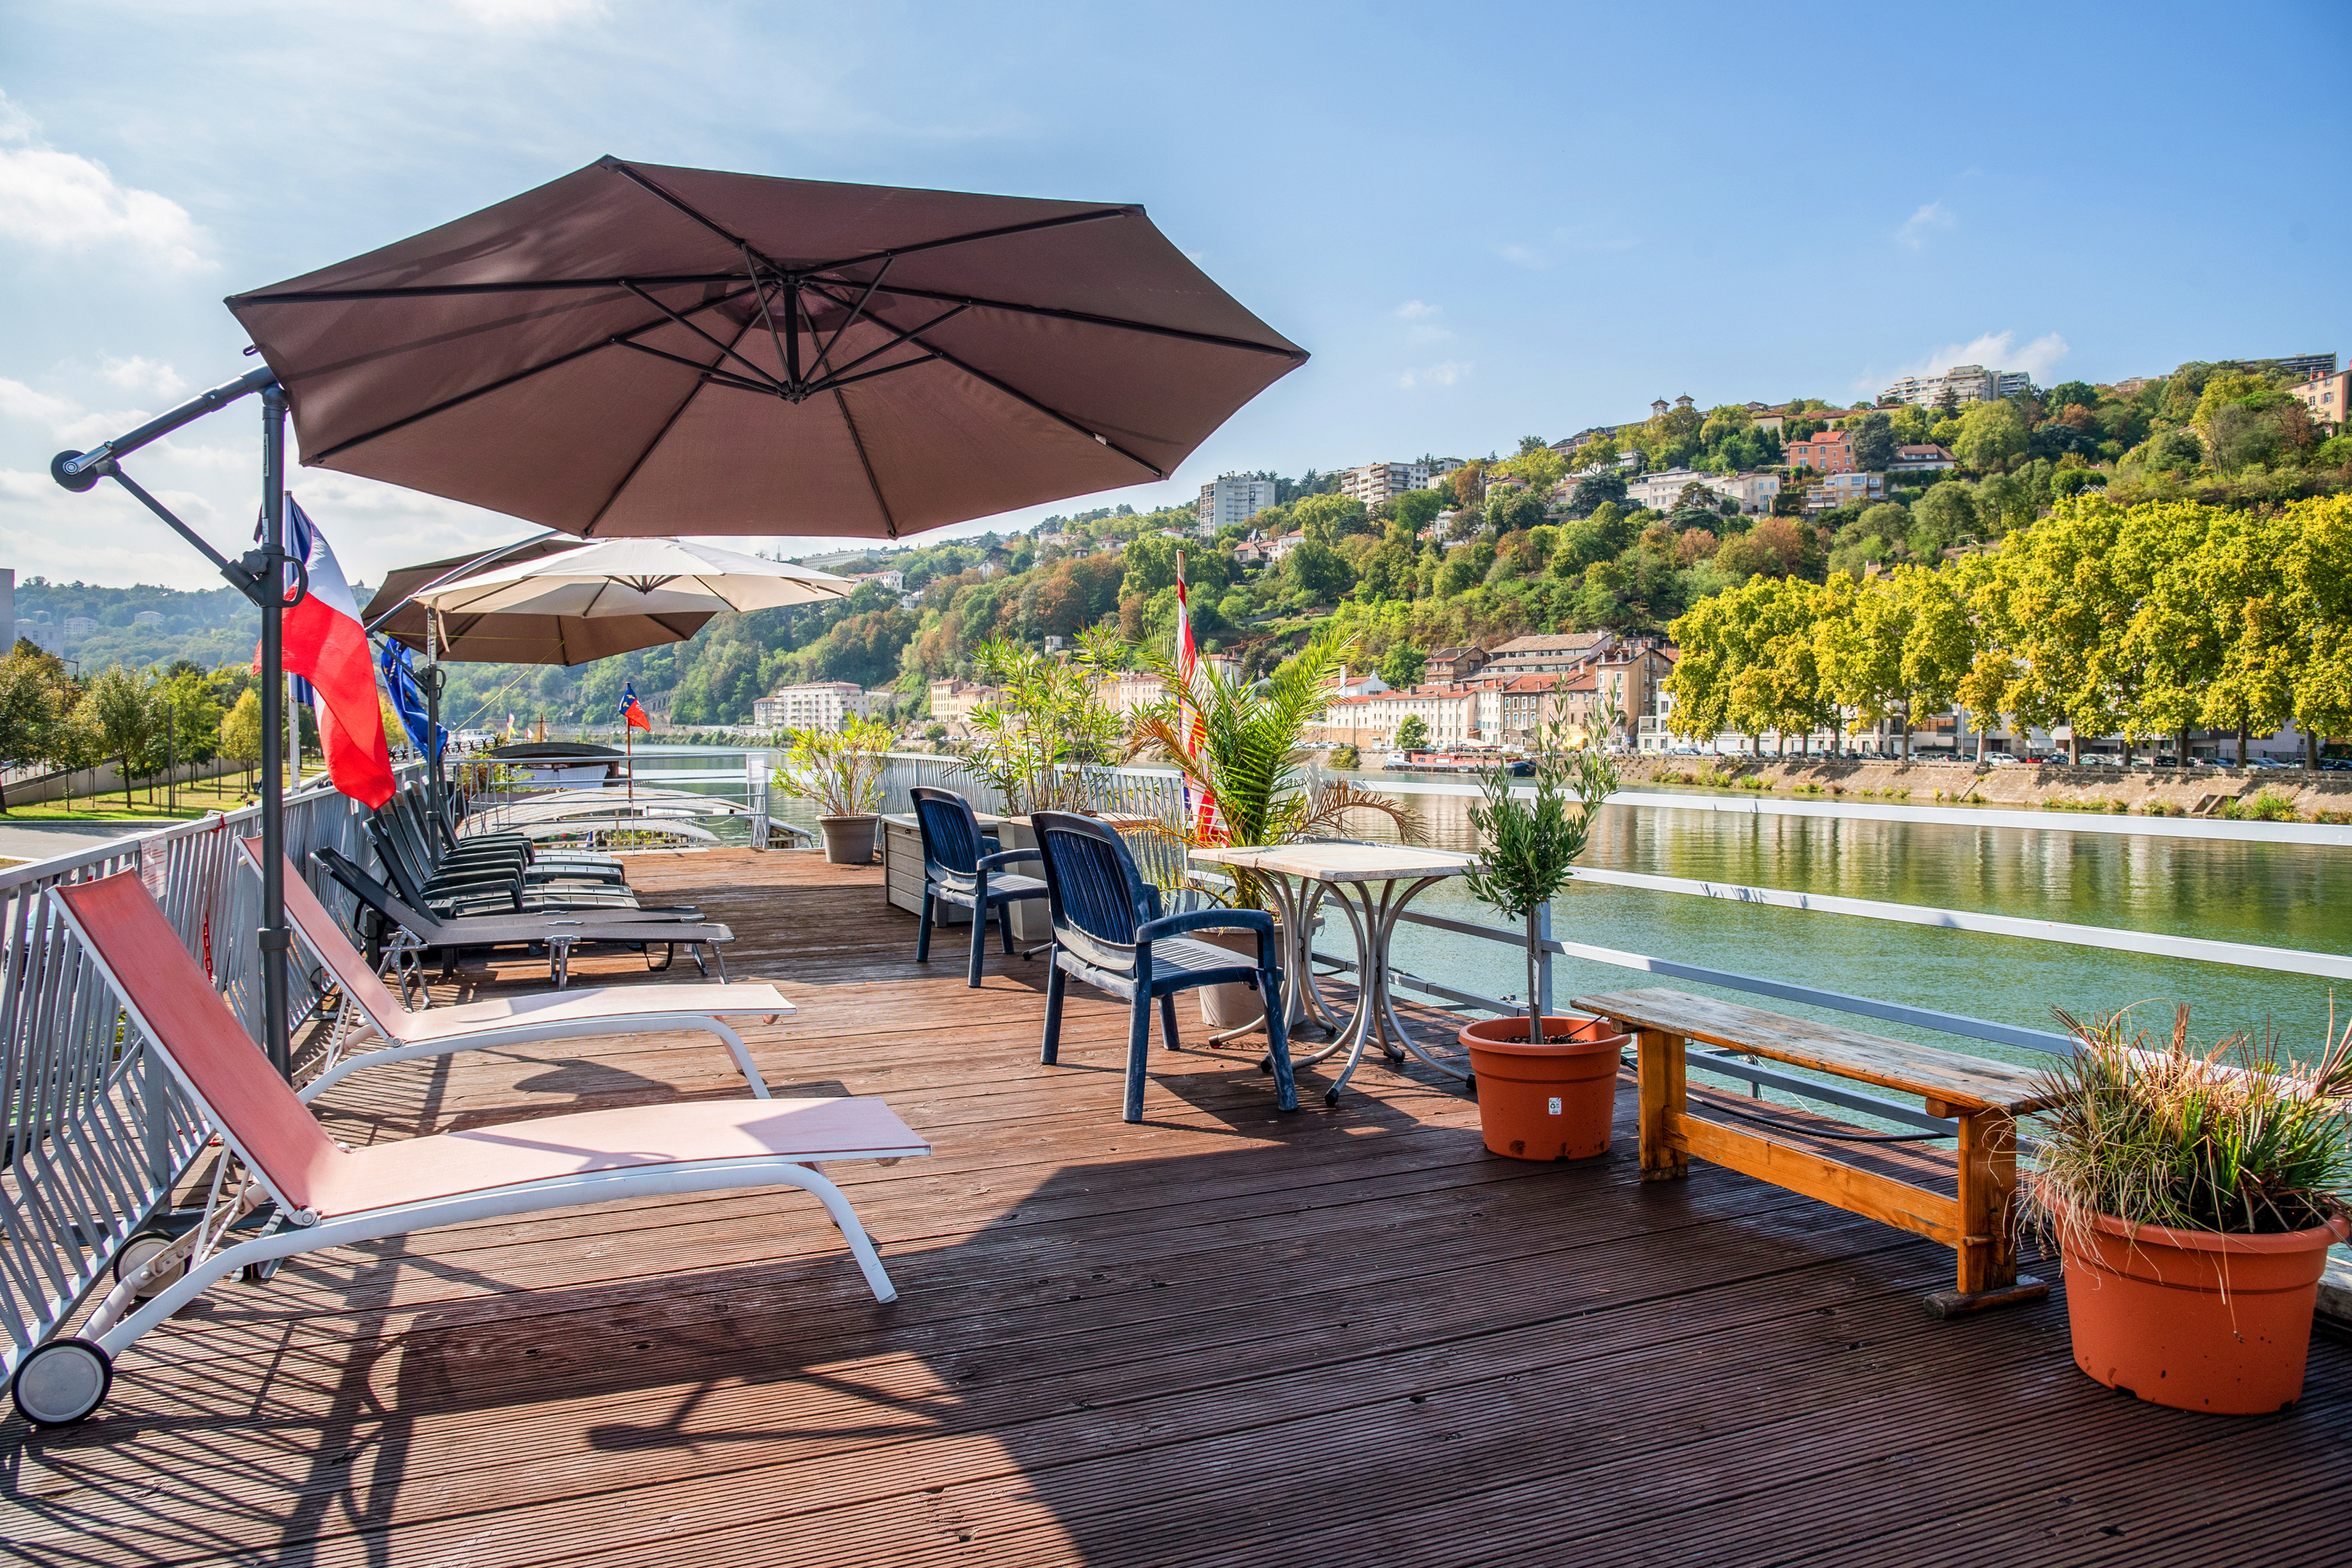 Studio auf Barge, Le Cormoran, Bord De Saone in Ly